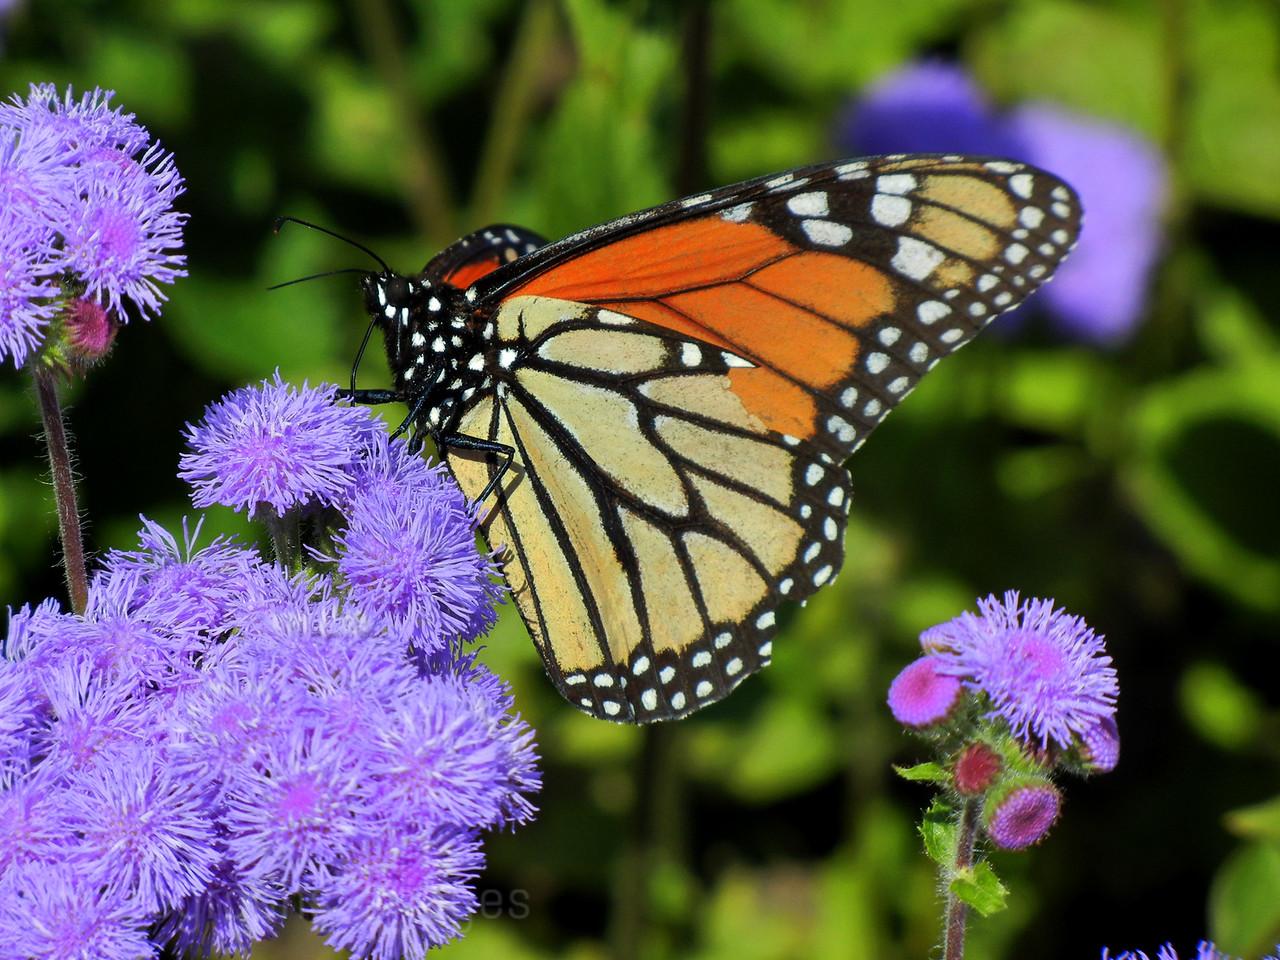 Butterfly, Purple Flowers, 22